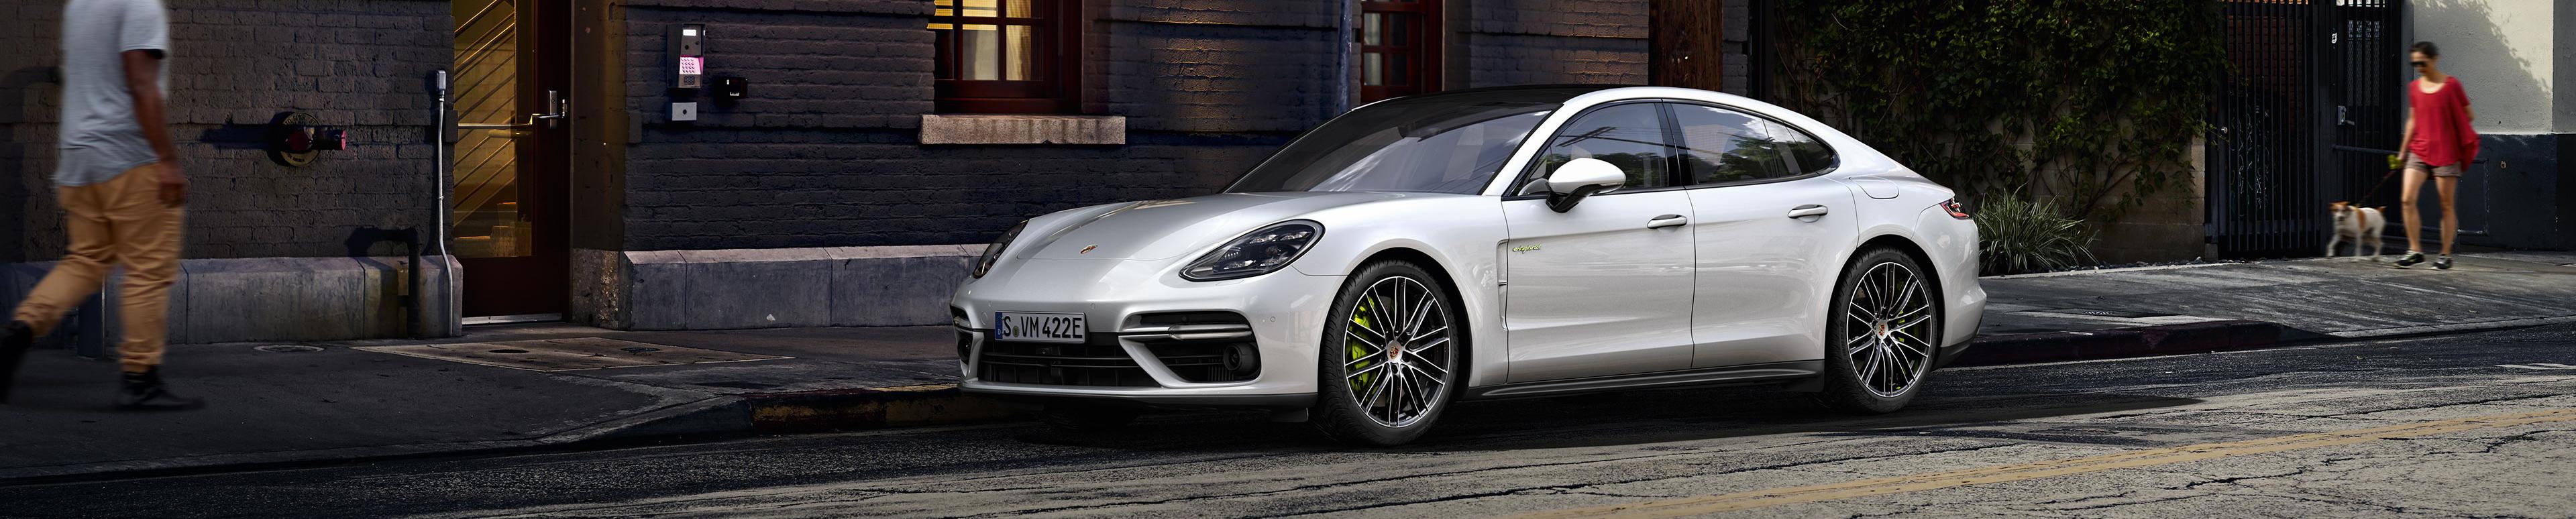 Porsche Panamera 4 E-Hybrid in Ann Arbor, MI